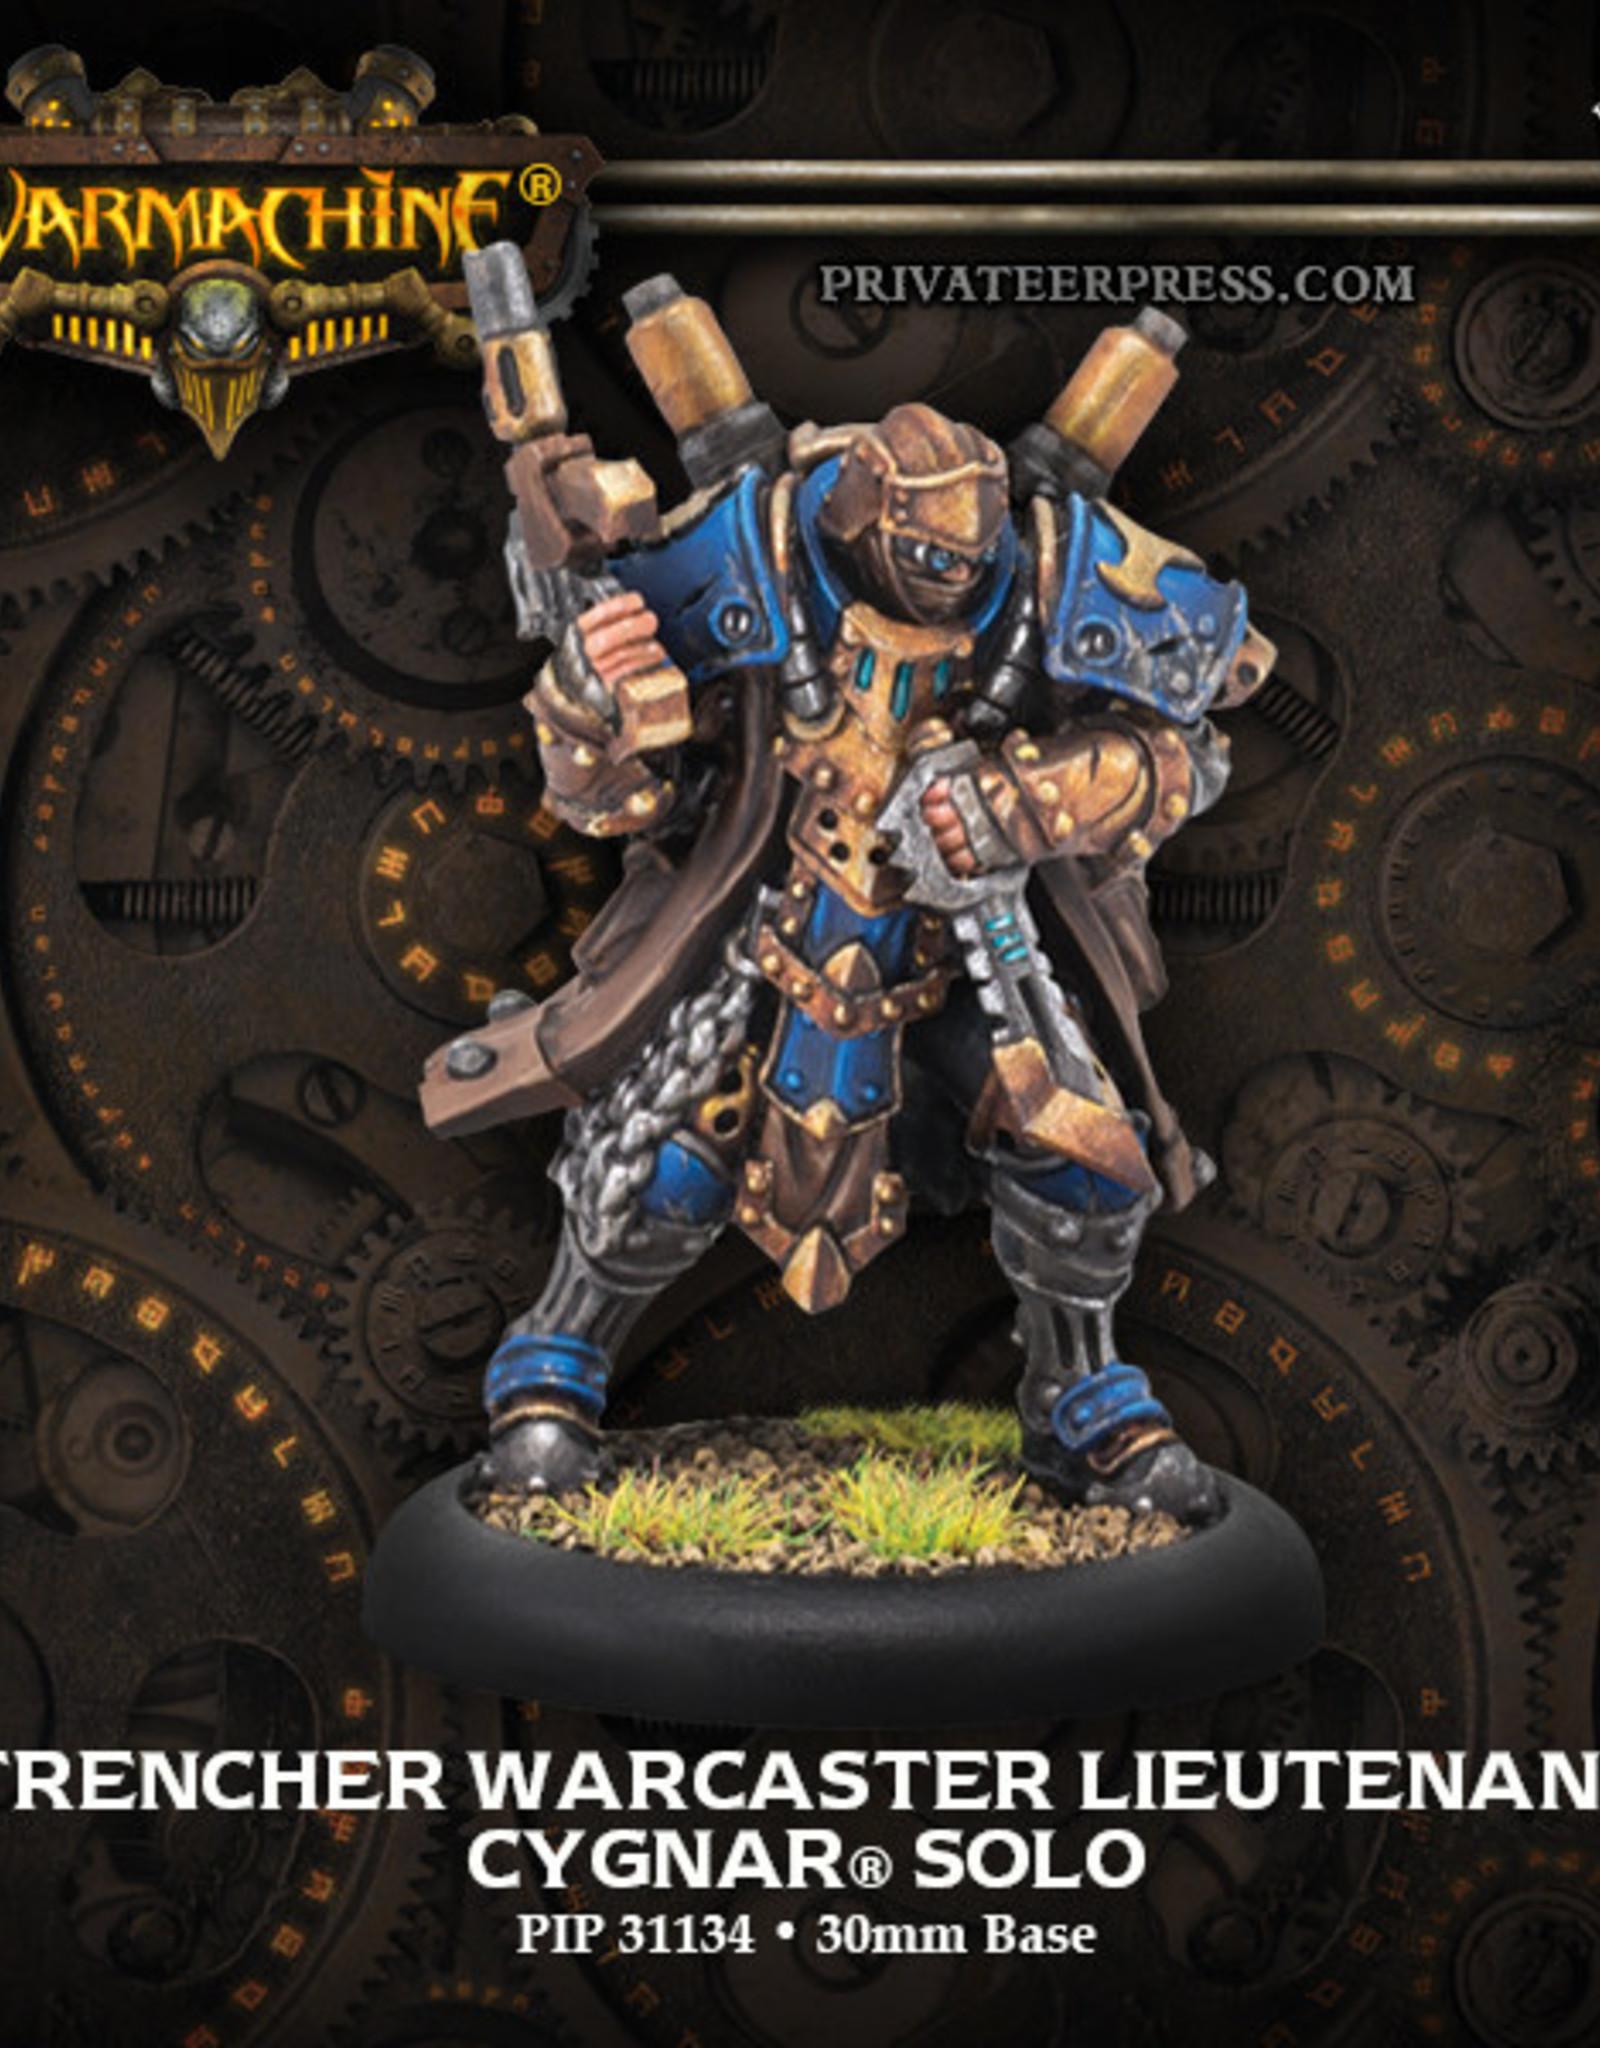 Warmachine Cygnar - Trencher Warcaster